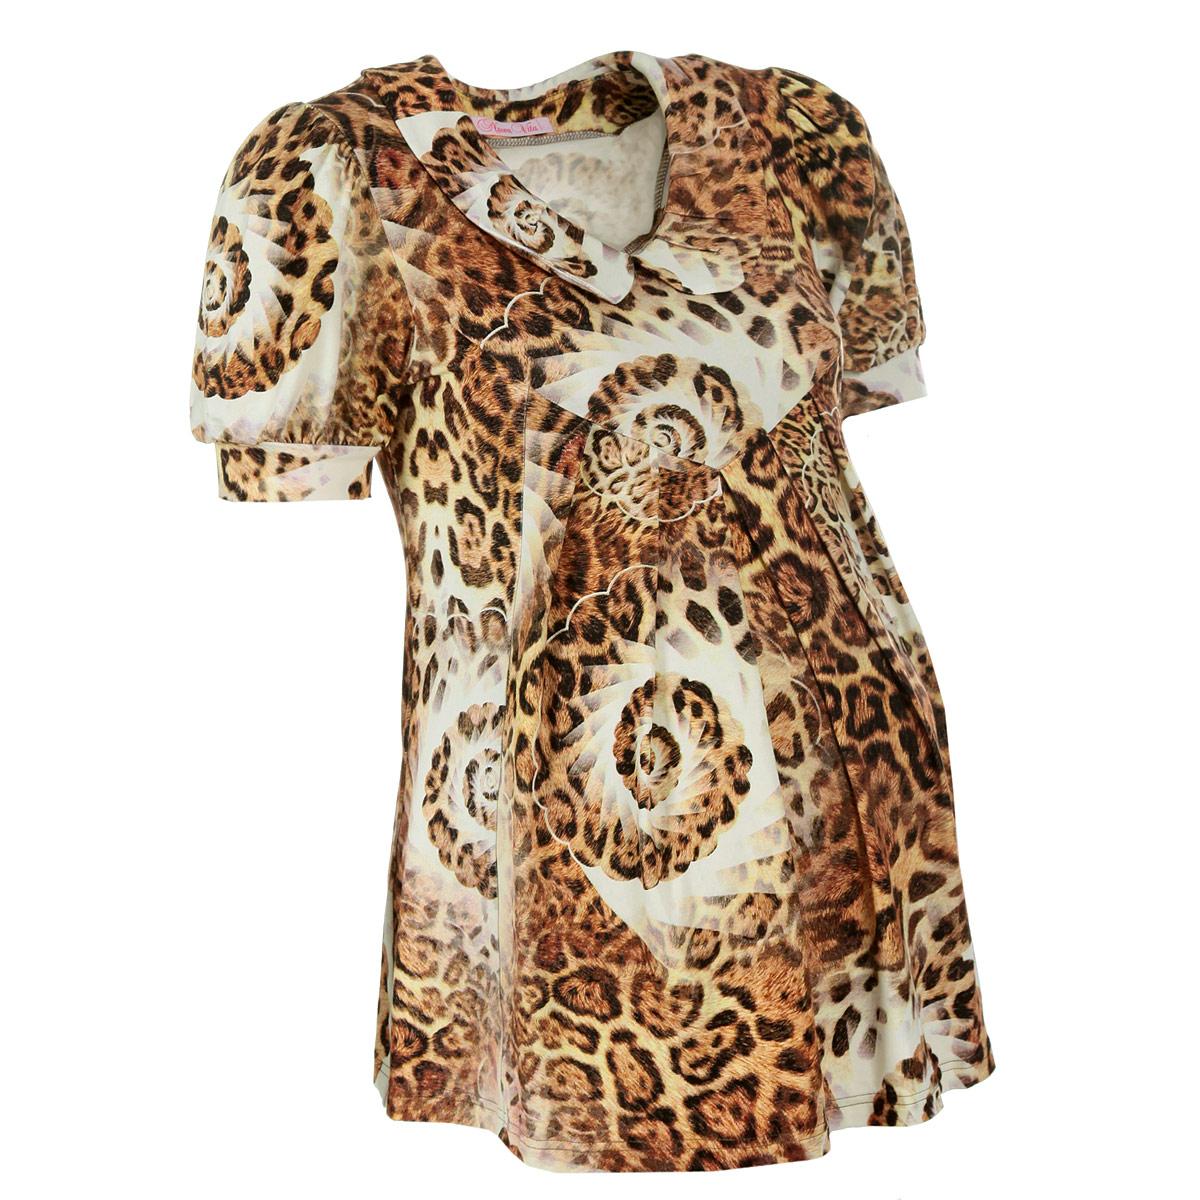 Блузка1314.1Женственная, изящная блуза для будущих мам Nuova Vita, изготовленная из эластичной вискозы, прекрасно подойдет на любом сроке беременности. Покрой модели прост, но при этом элегантен. Данная модель с короткими рукавами-фонариками и отложным воротничком не только идеально сидит на любой фигуре, но и, благодаря леопардовому принту, всегда в моде. Вискоза является волокном, произведенным из натурального материала - целлюлозы (древесины). Иногда ее называют древесный шелк. Эта ткань на ощупь мягкая и приятная, образует красивые складки. Материал очень хорошо впитывает влагу, не образует катышек со временем, не выцветает на солнце и обладает приятным шелковистым блеском. Такая блуза очень женственно смотрятся на фигуре с округлым животиком будущей мамы и, за счет удачного кроя, ее можно носить и после периода беременности. Она прекрасно сочетается с бриджами, леггинсами, капри, шортами и длинными брюками, с джинсами, а также с некоторыми фасонами юбок.